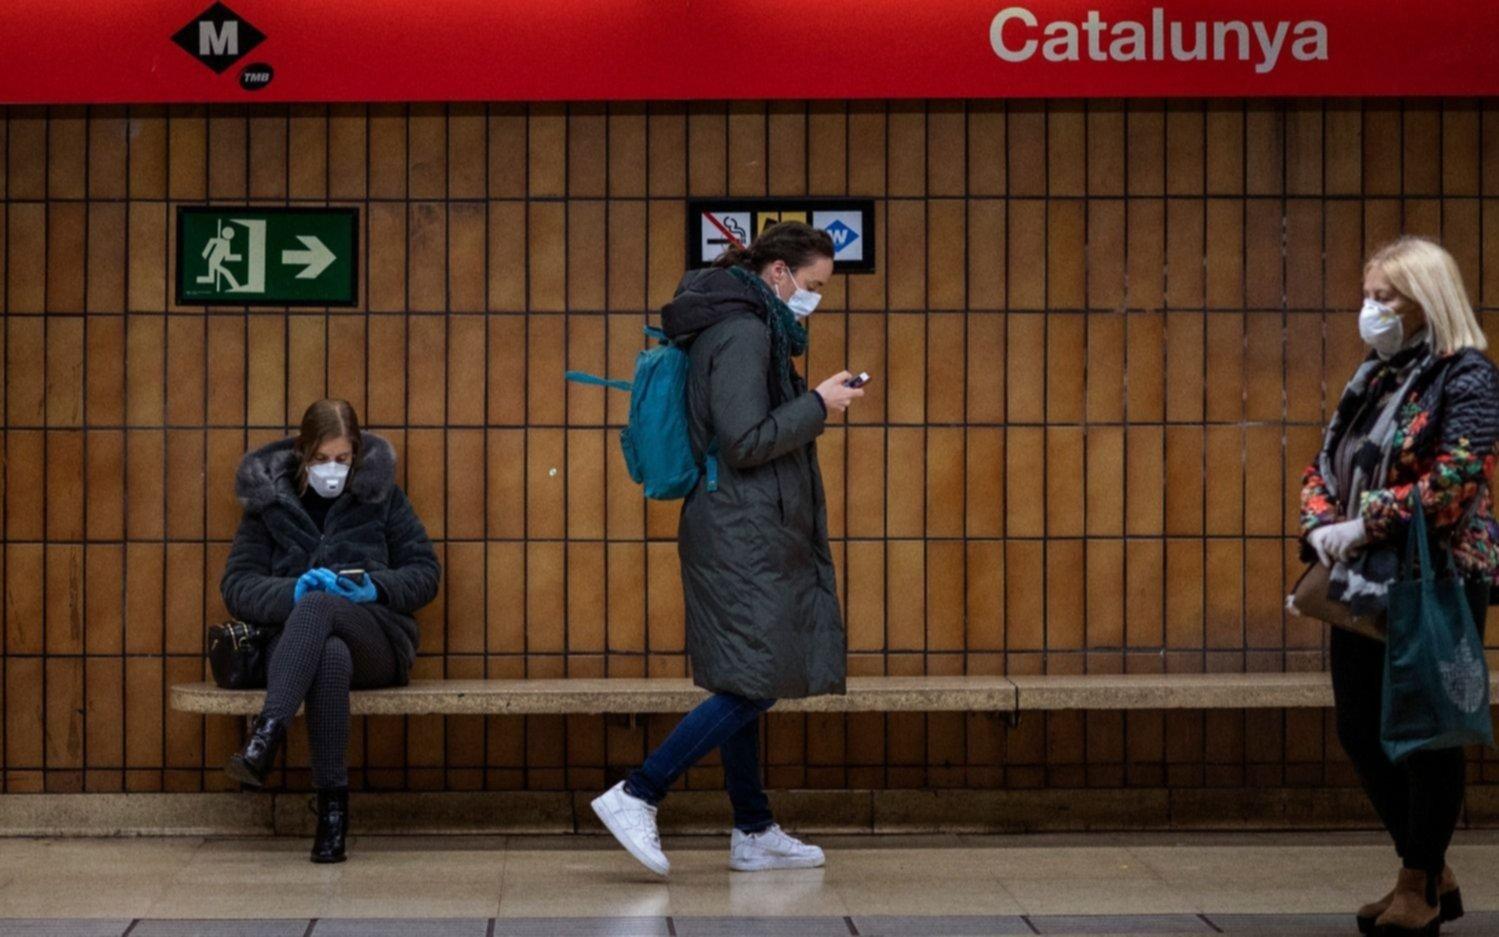 Por el rebrote de casos de coronavirus, recomiendan evitar los viajes a España